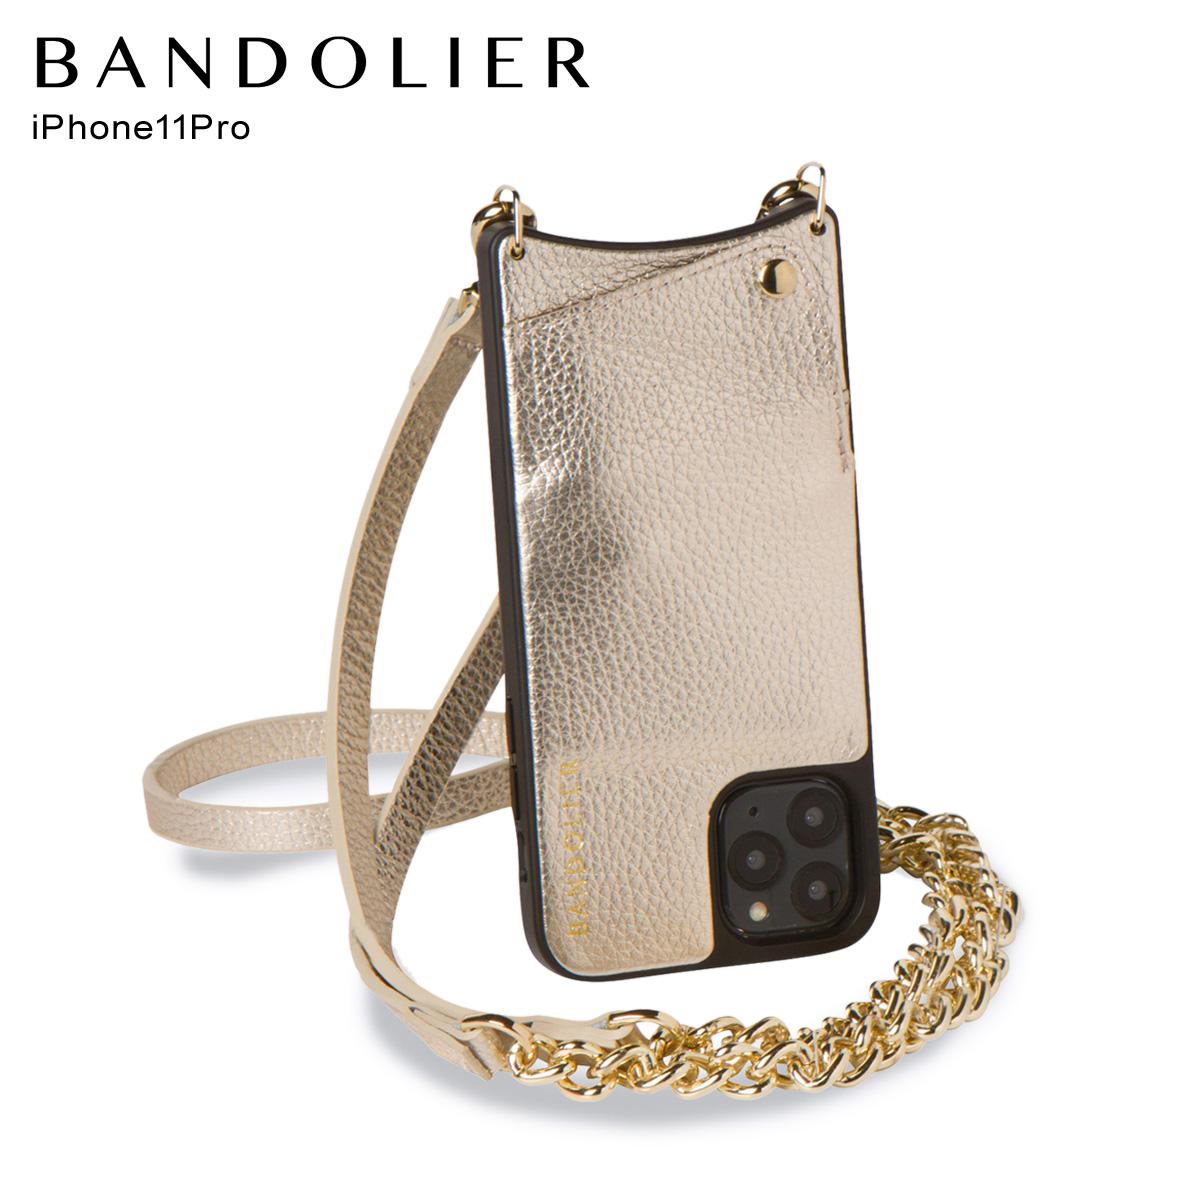 バンドリヤー BANDOLIER iPhone11 Pro ケース スマホ 携帯 ショルダー アイフォン レクシー メンズ レディース LEXI ゴールド 10LEX